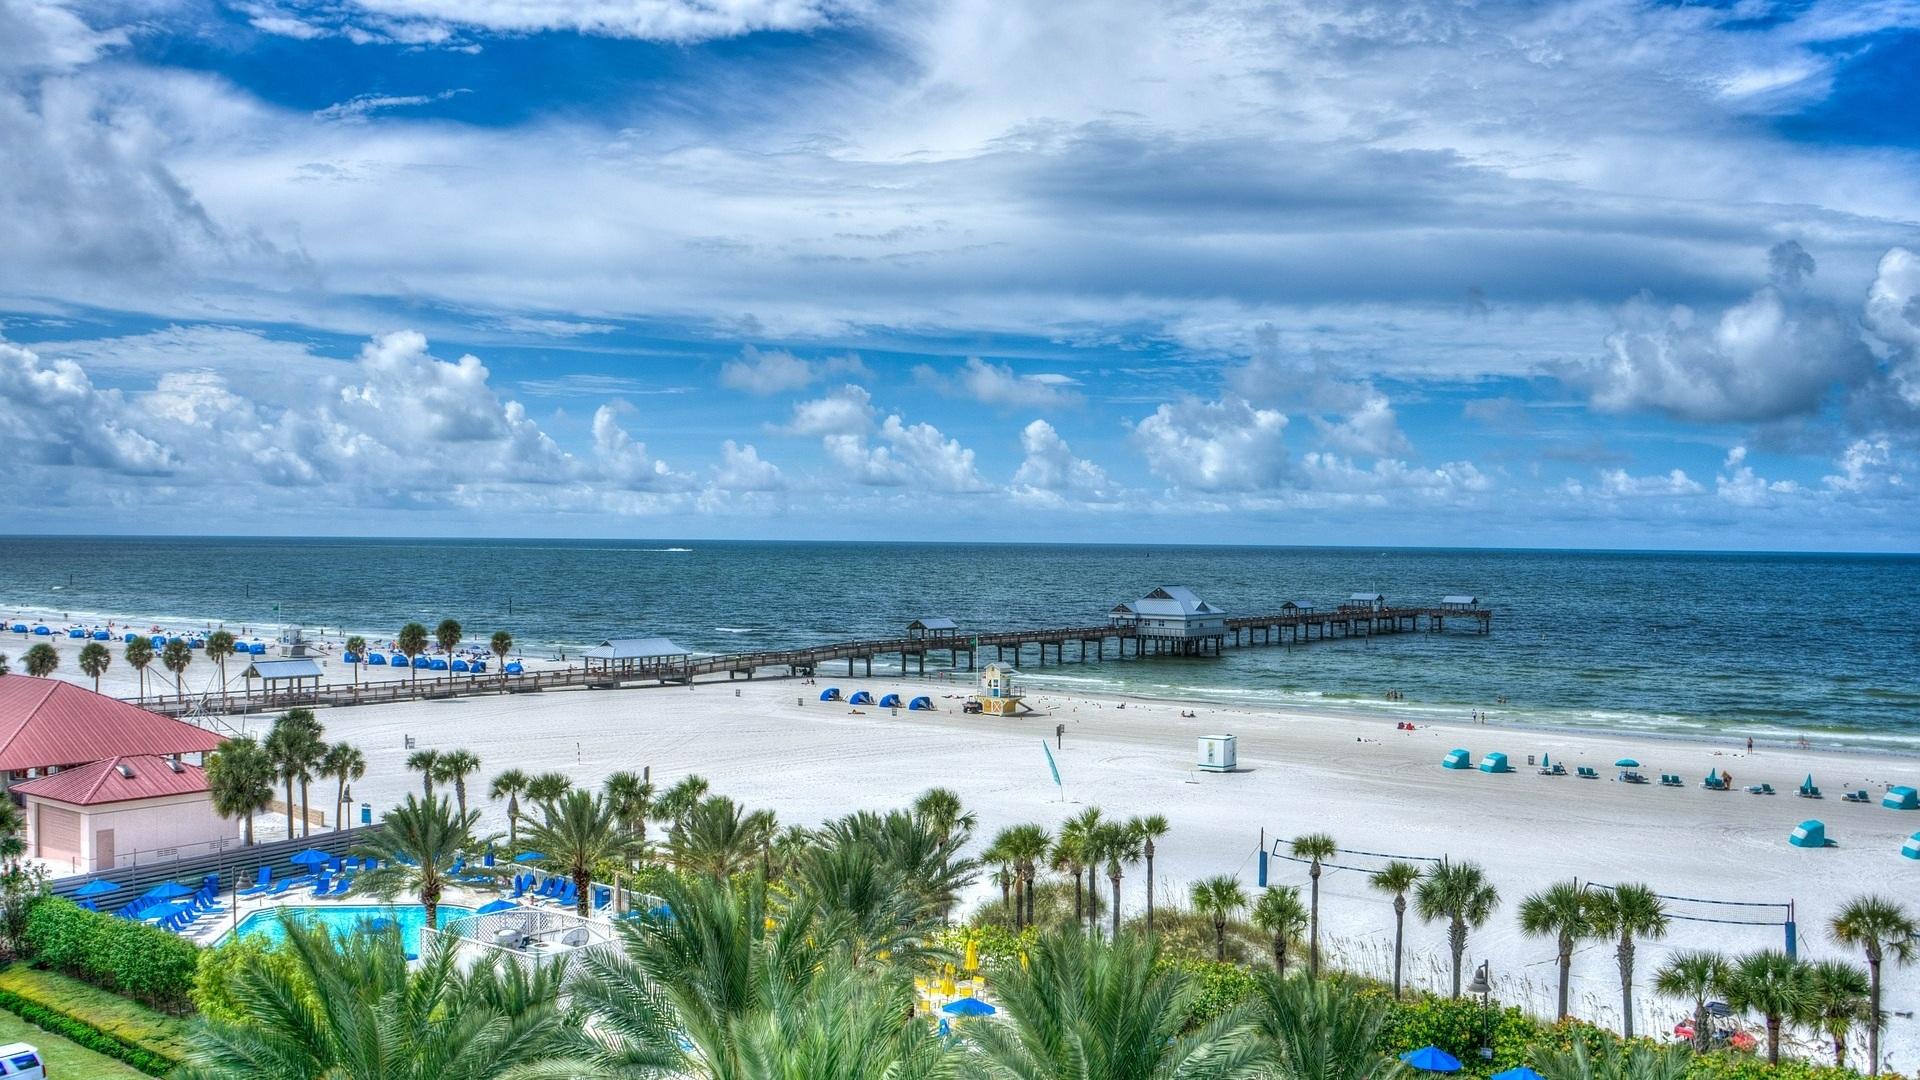 Resor till Florida - Soliga Florida väntar på dig. Låt oss skräddarsy din drömresa till The Sunshine State.